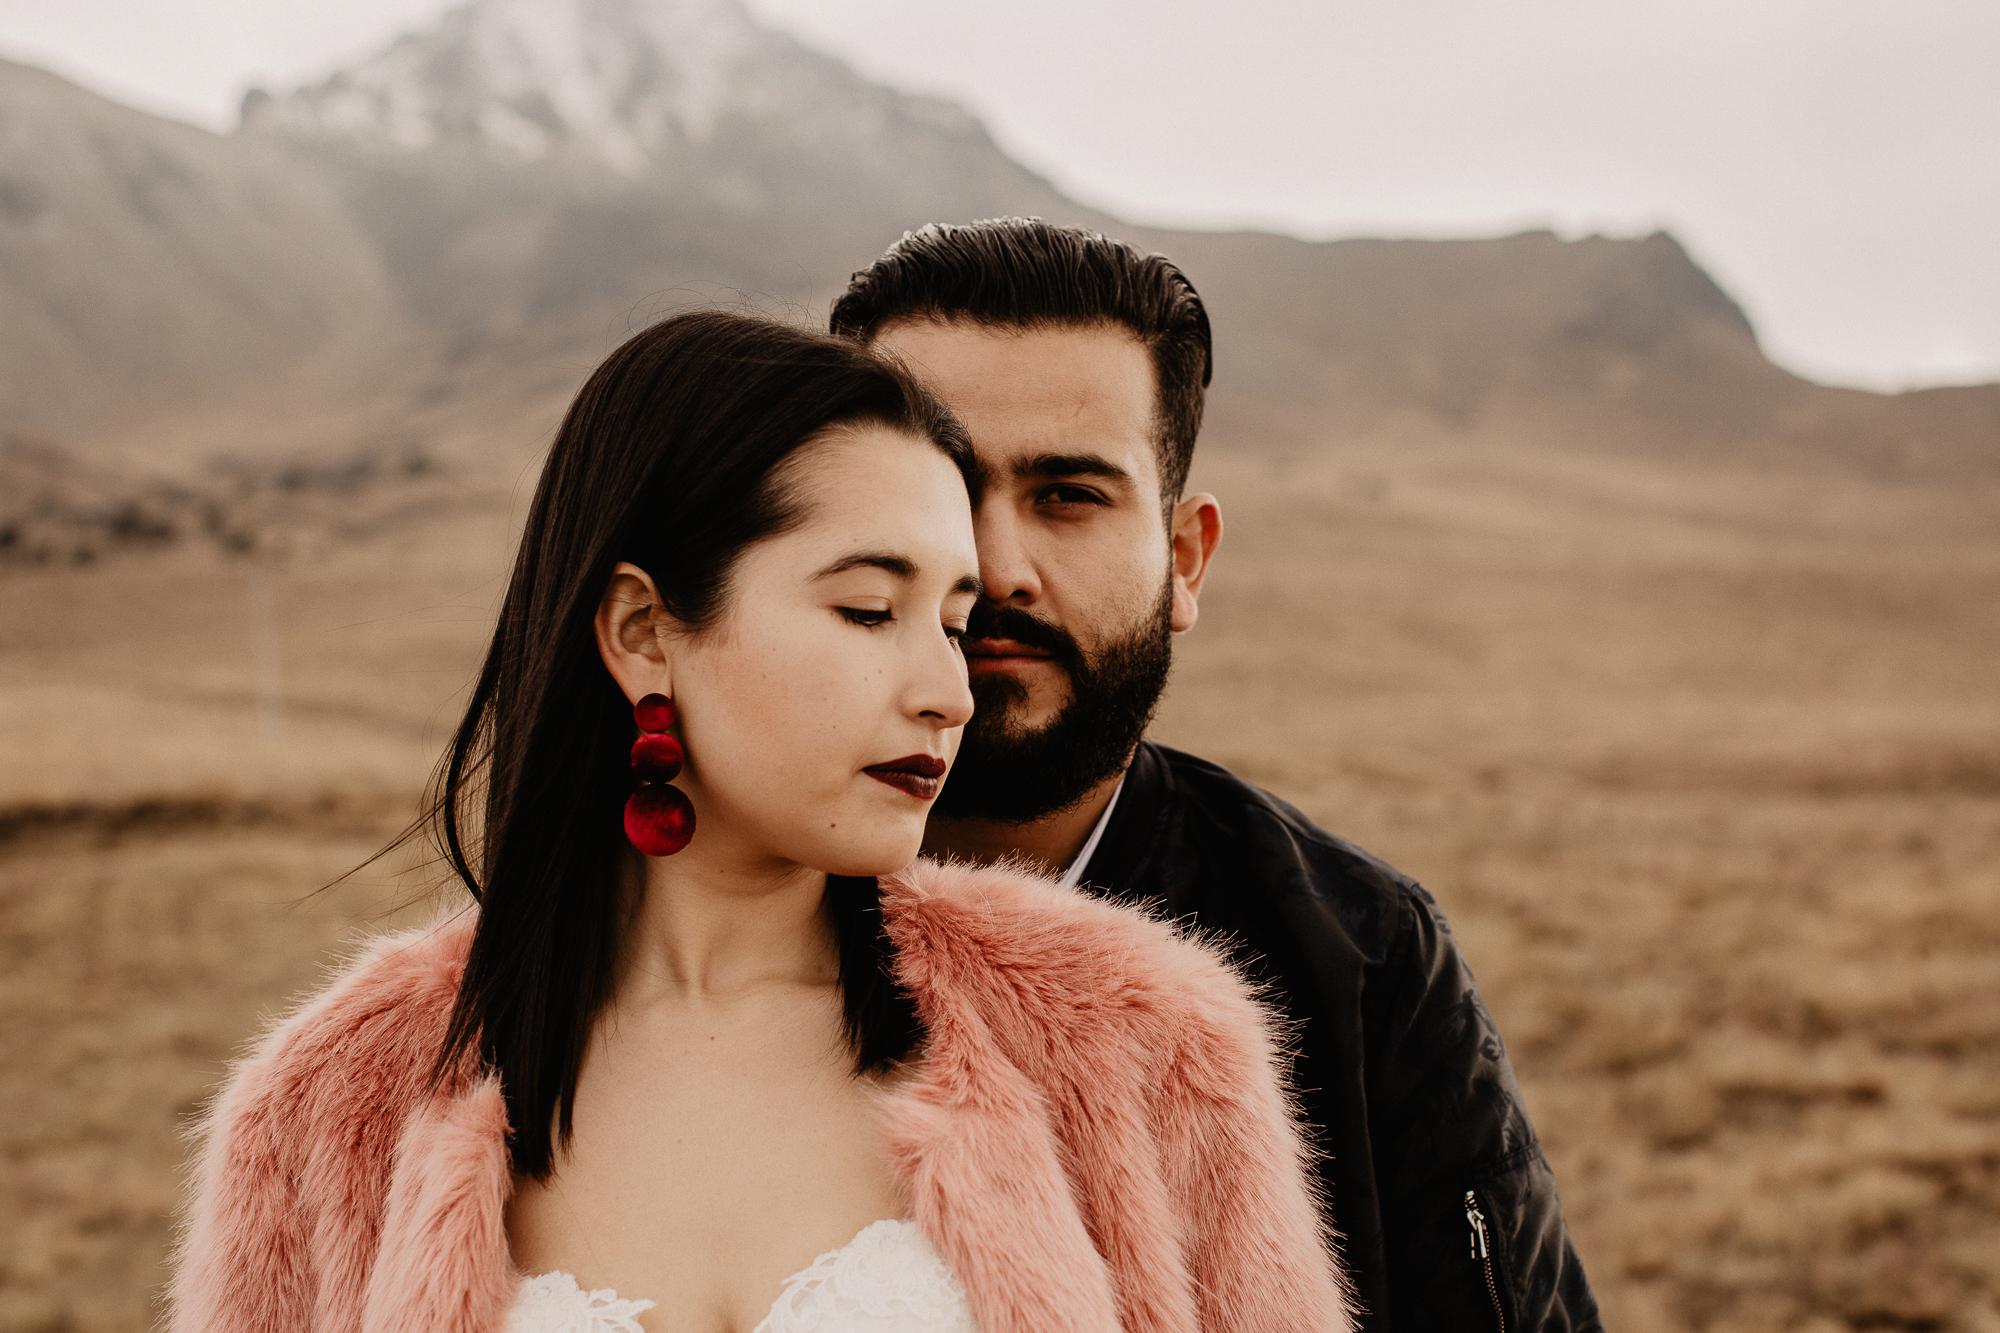 alfonso-flores-fotografo-de-bodas-nevado-de-toluca-sesion-de-pareja99.jpg